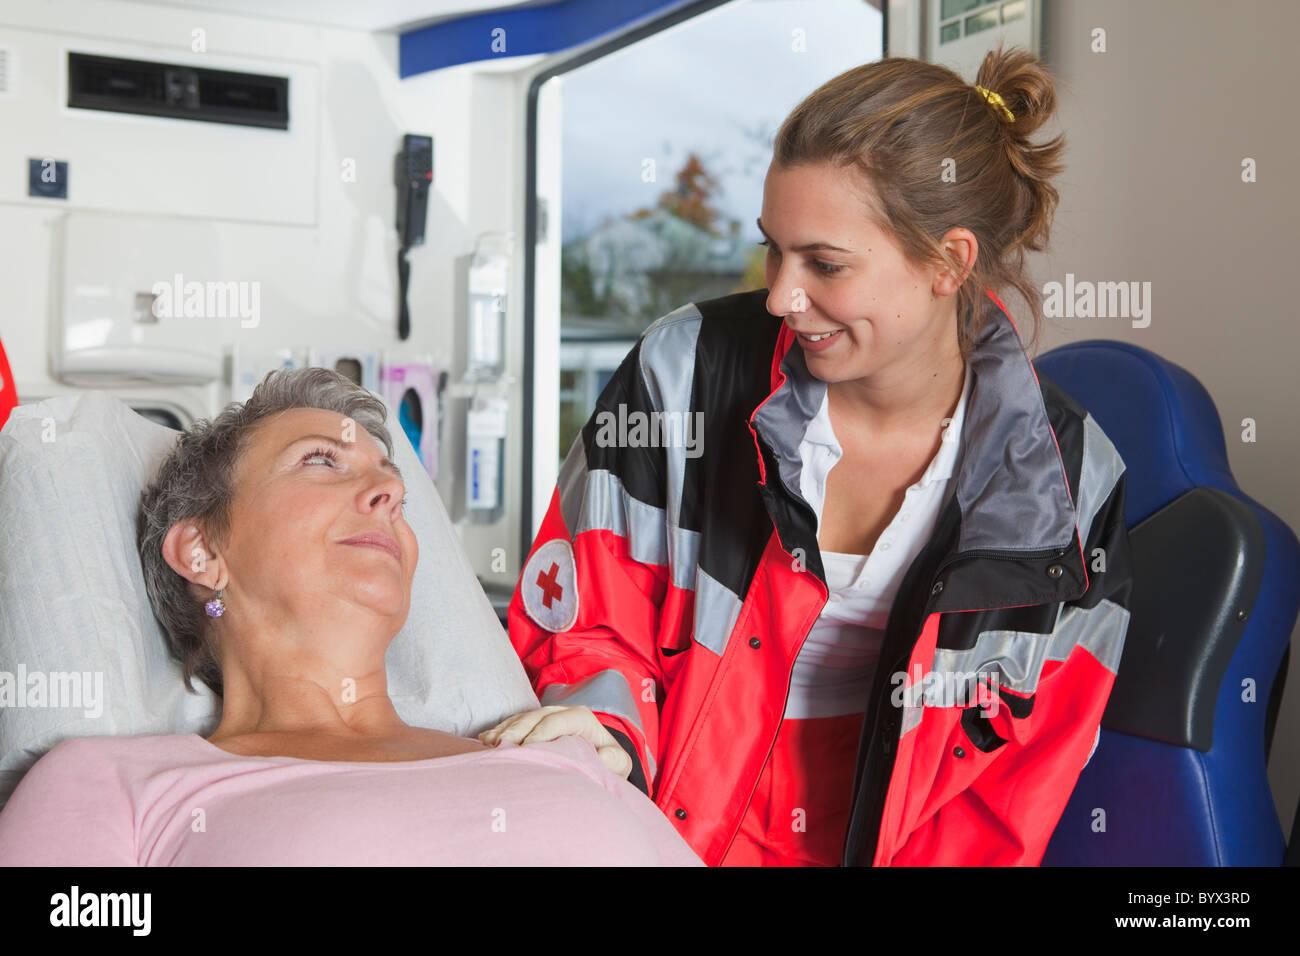 Ambulance woman caring about woman - Stock Image